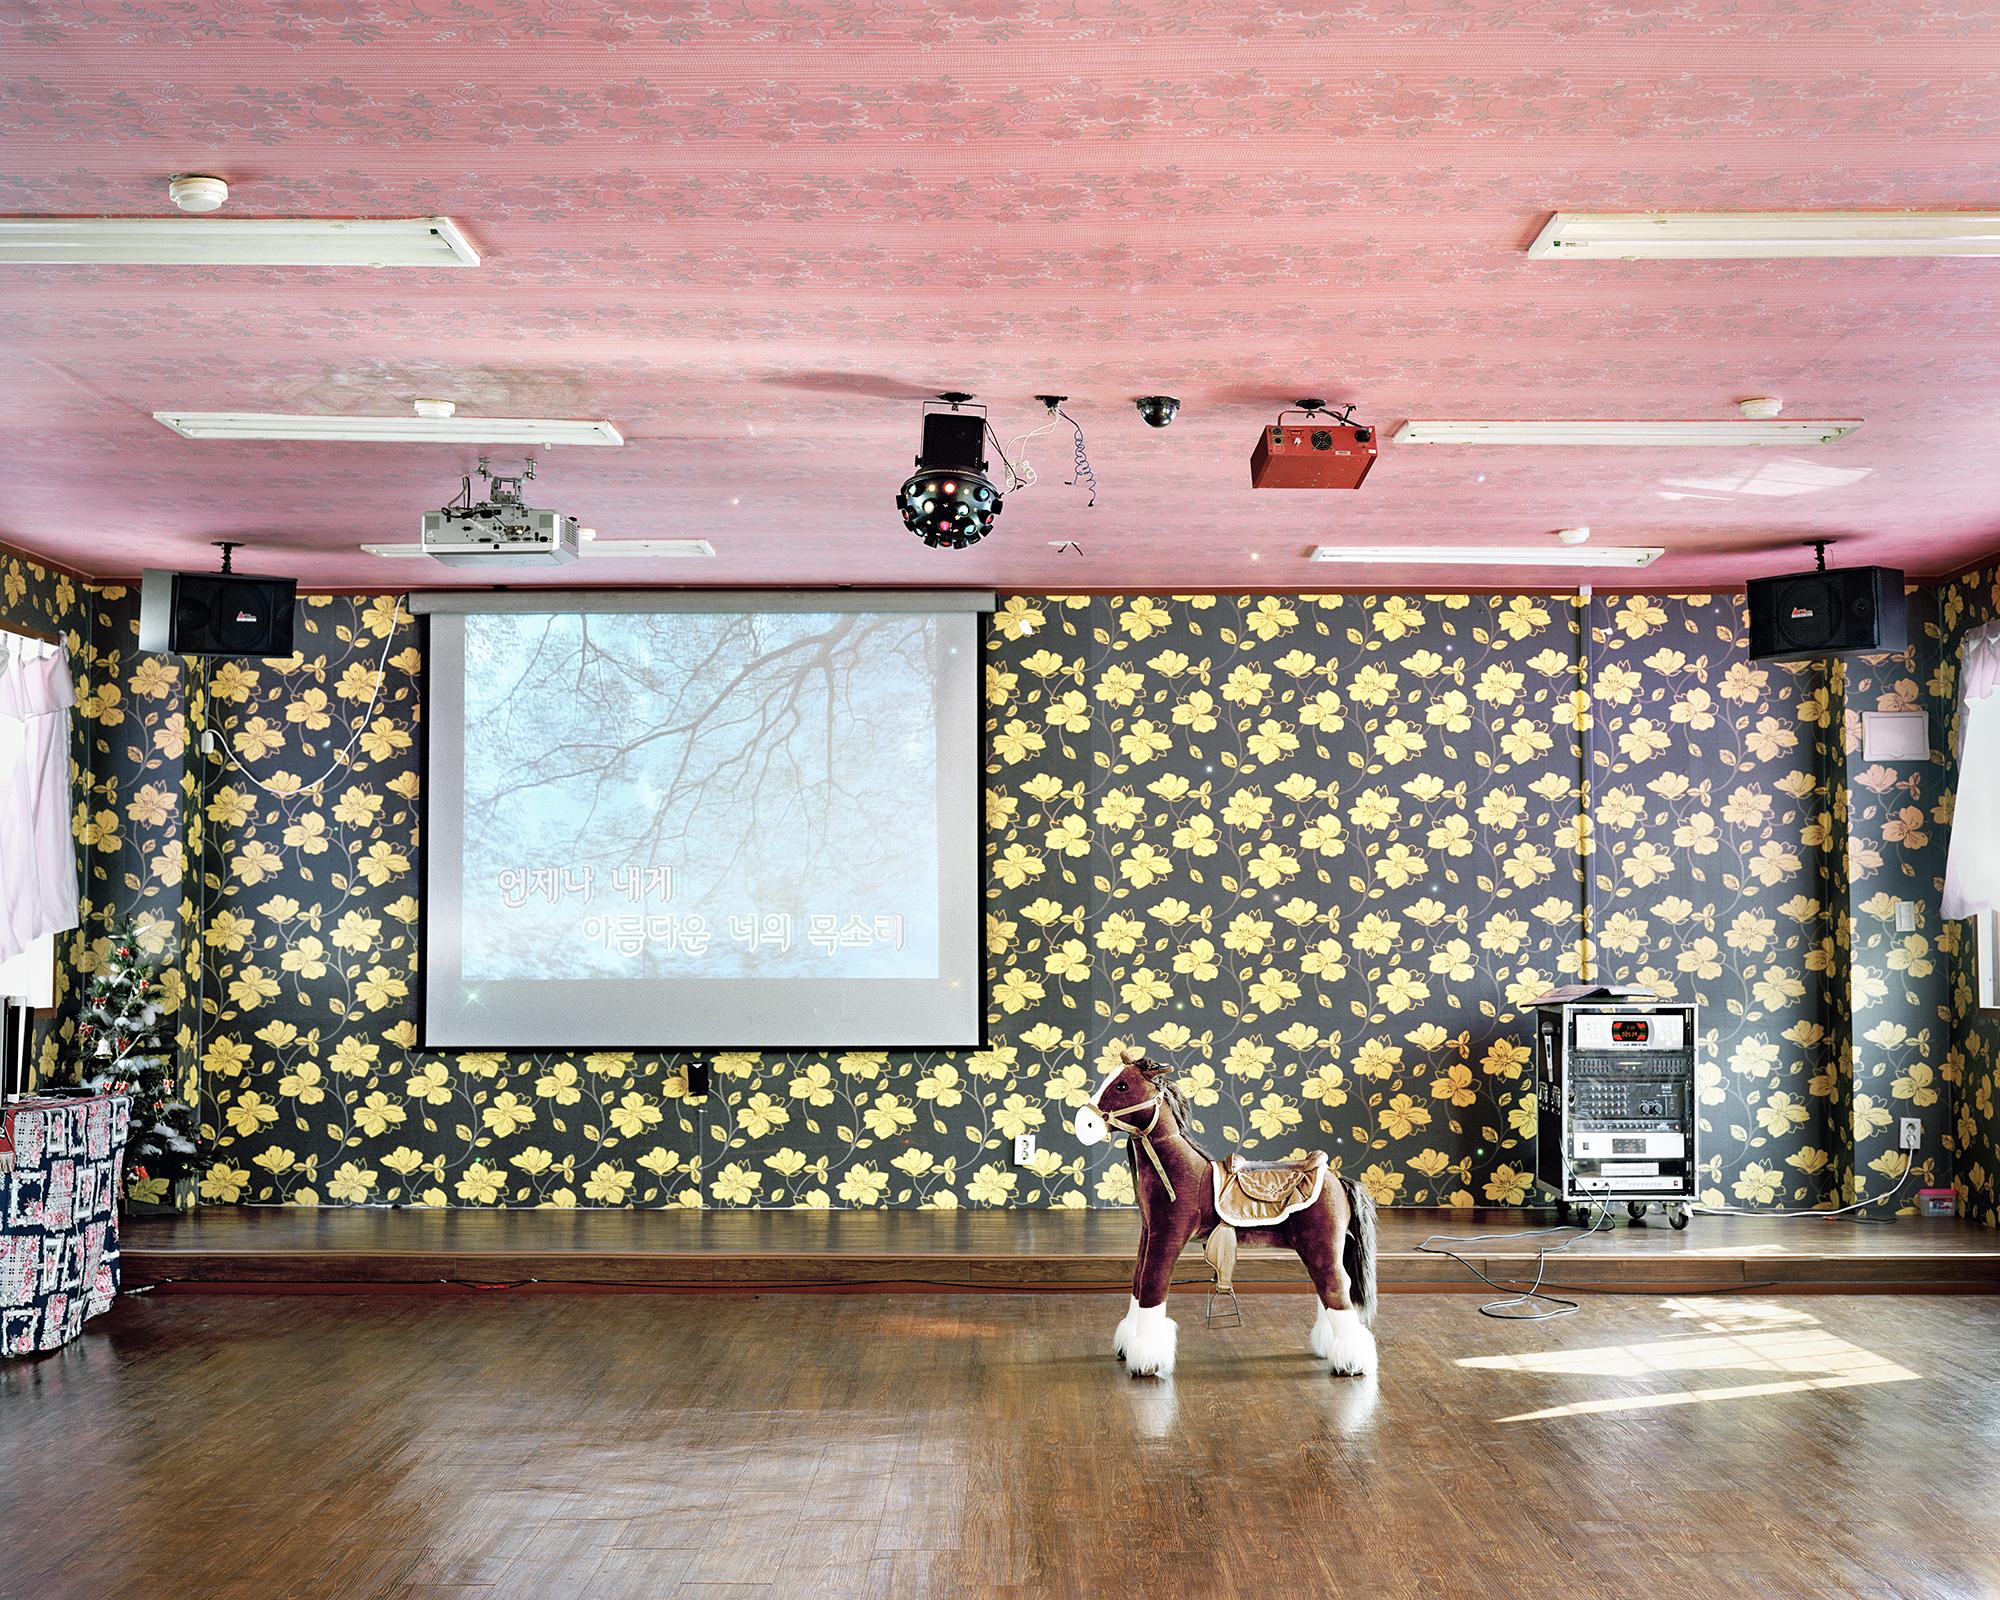 20 Singing Room_2013.jpg